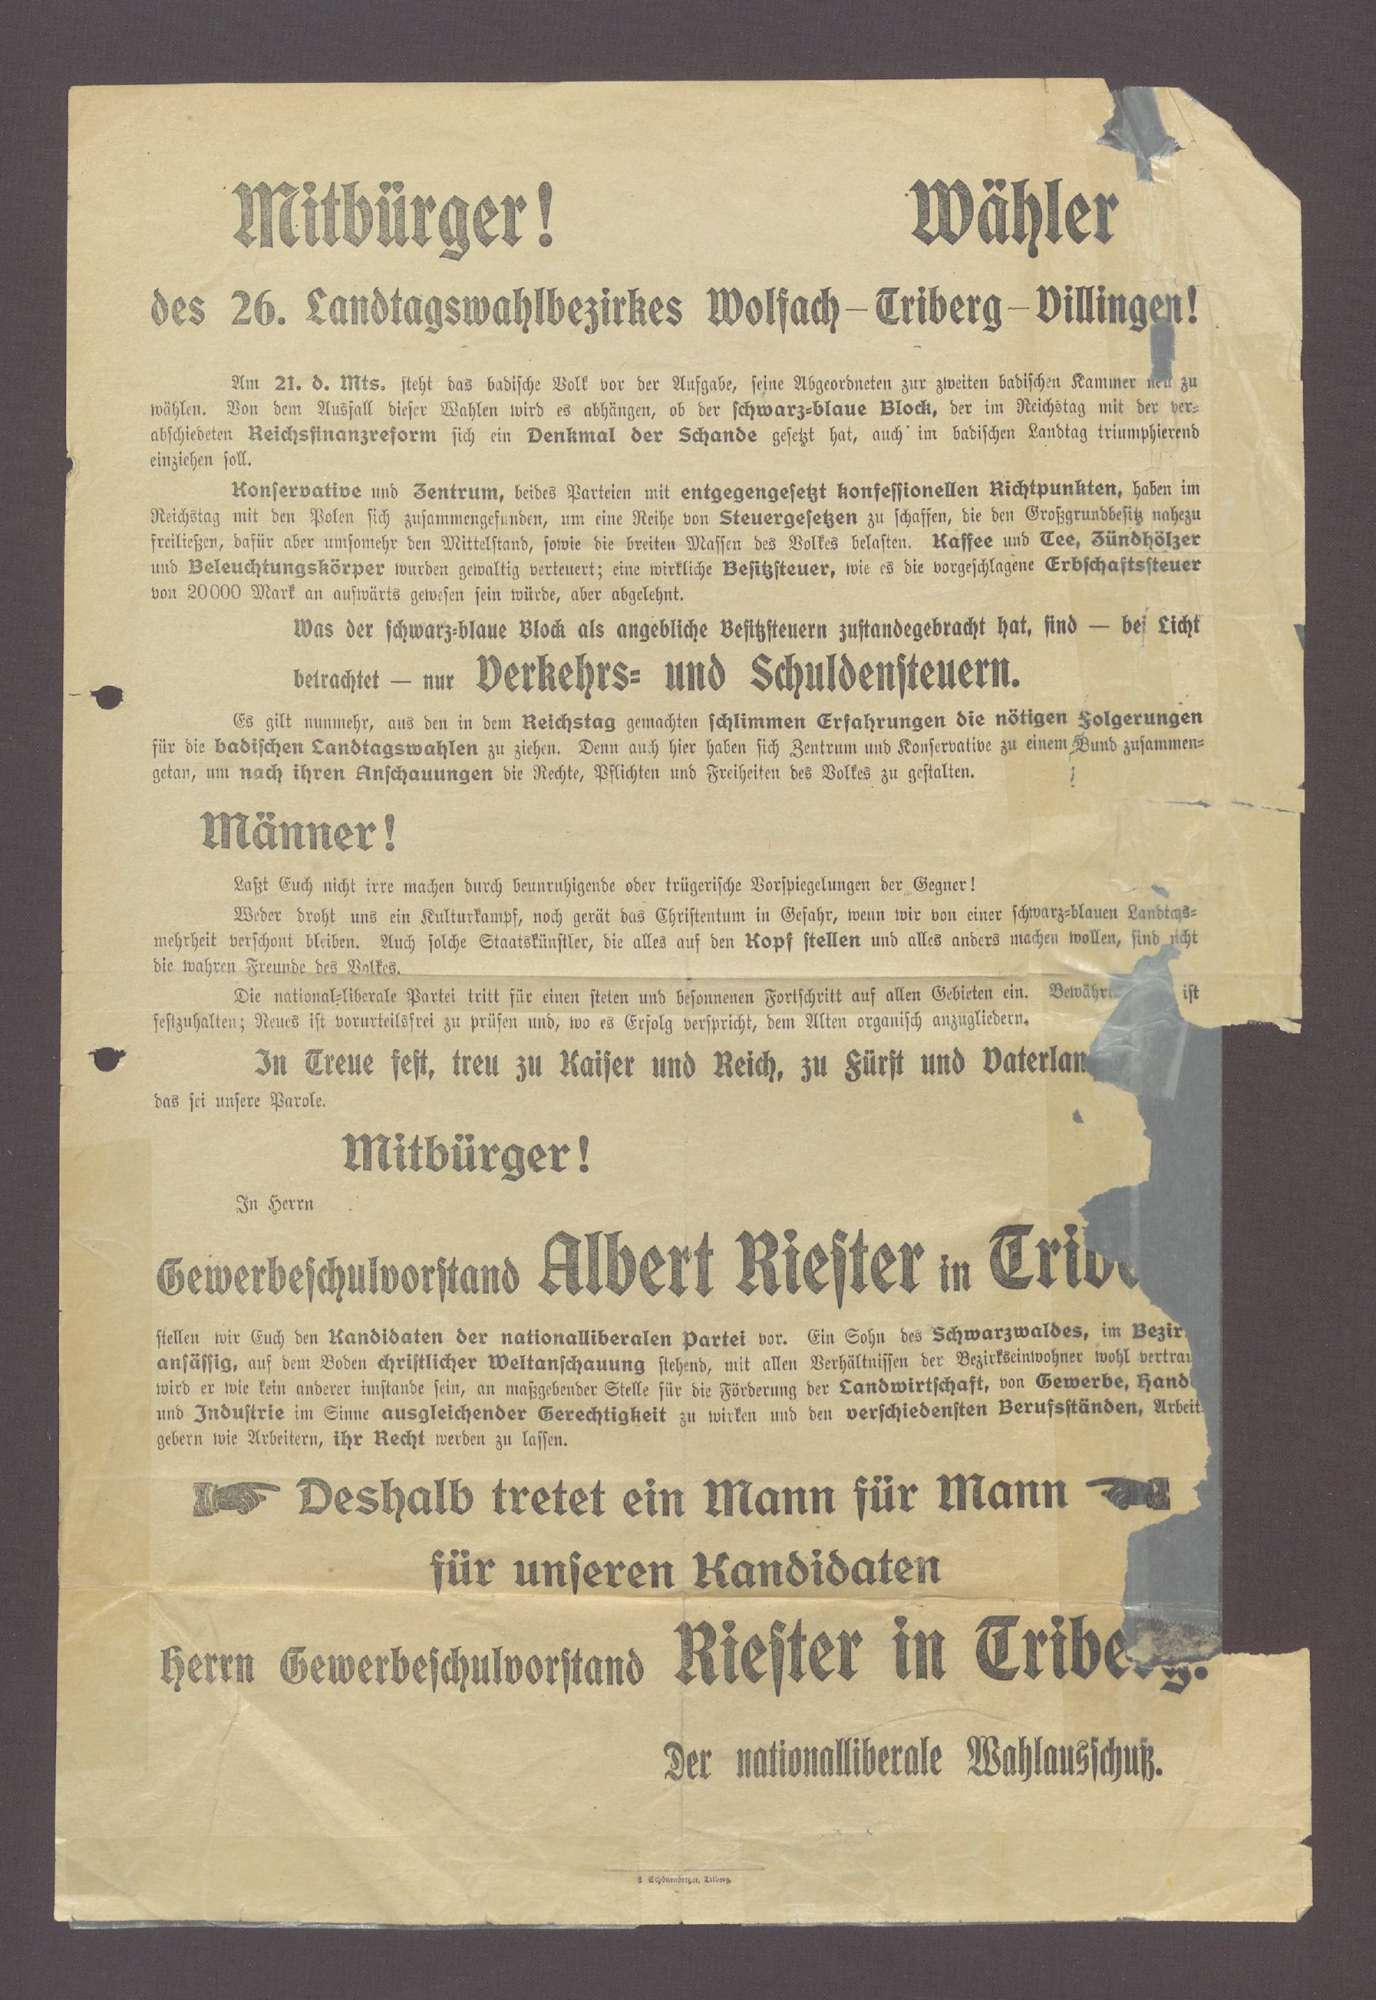 """Wahlplakat: """"Mitbürger! Wähler des 26. Landtagswahlbezirks Wolfach...Riester..."""", Nationalliberale Partei, Schönenberger, Triberg, Bild 1"""